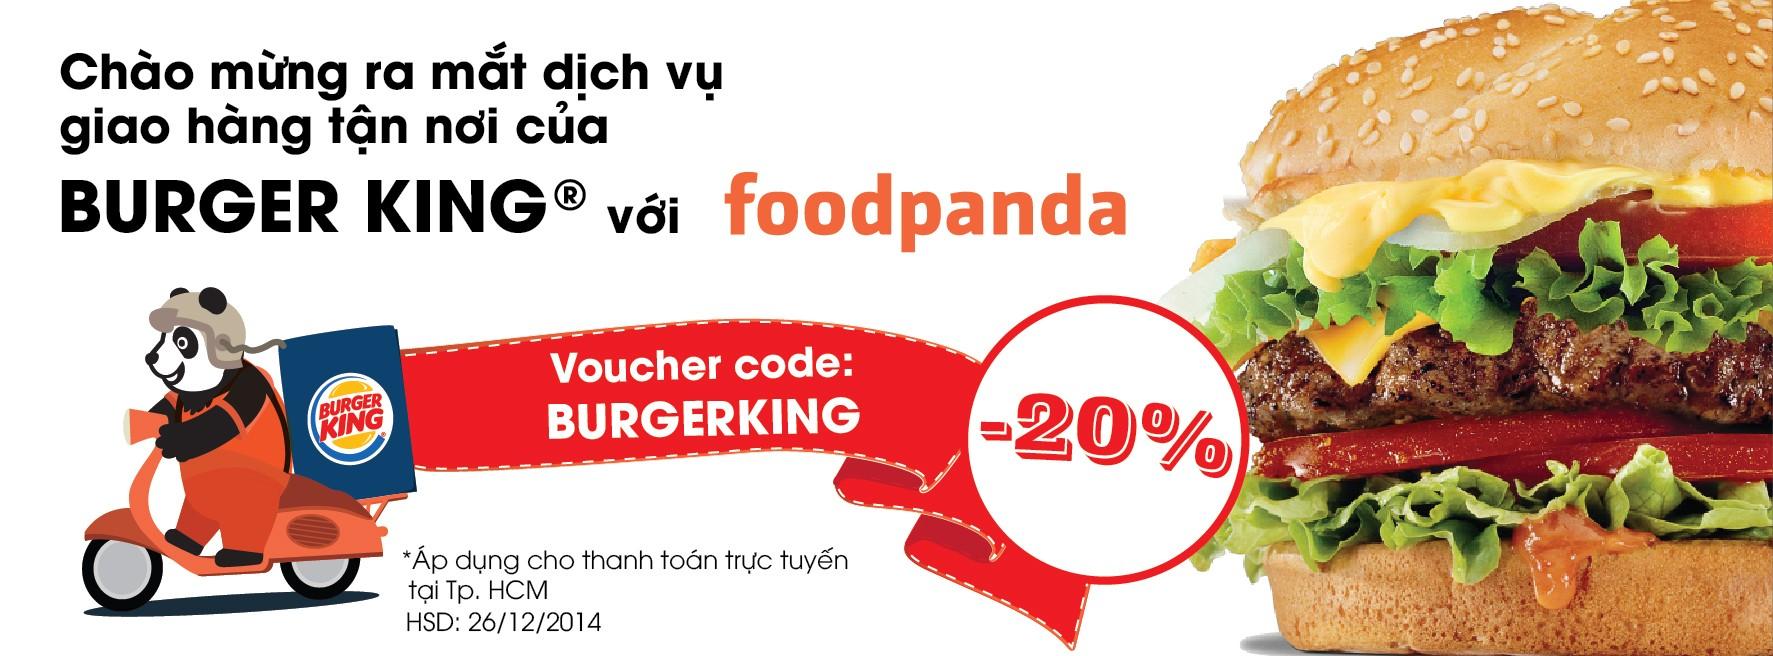 Burger King hợp tác độc quyền với foodpanda